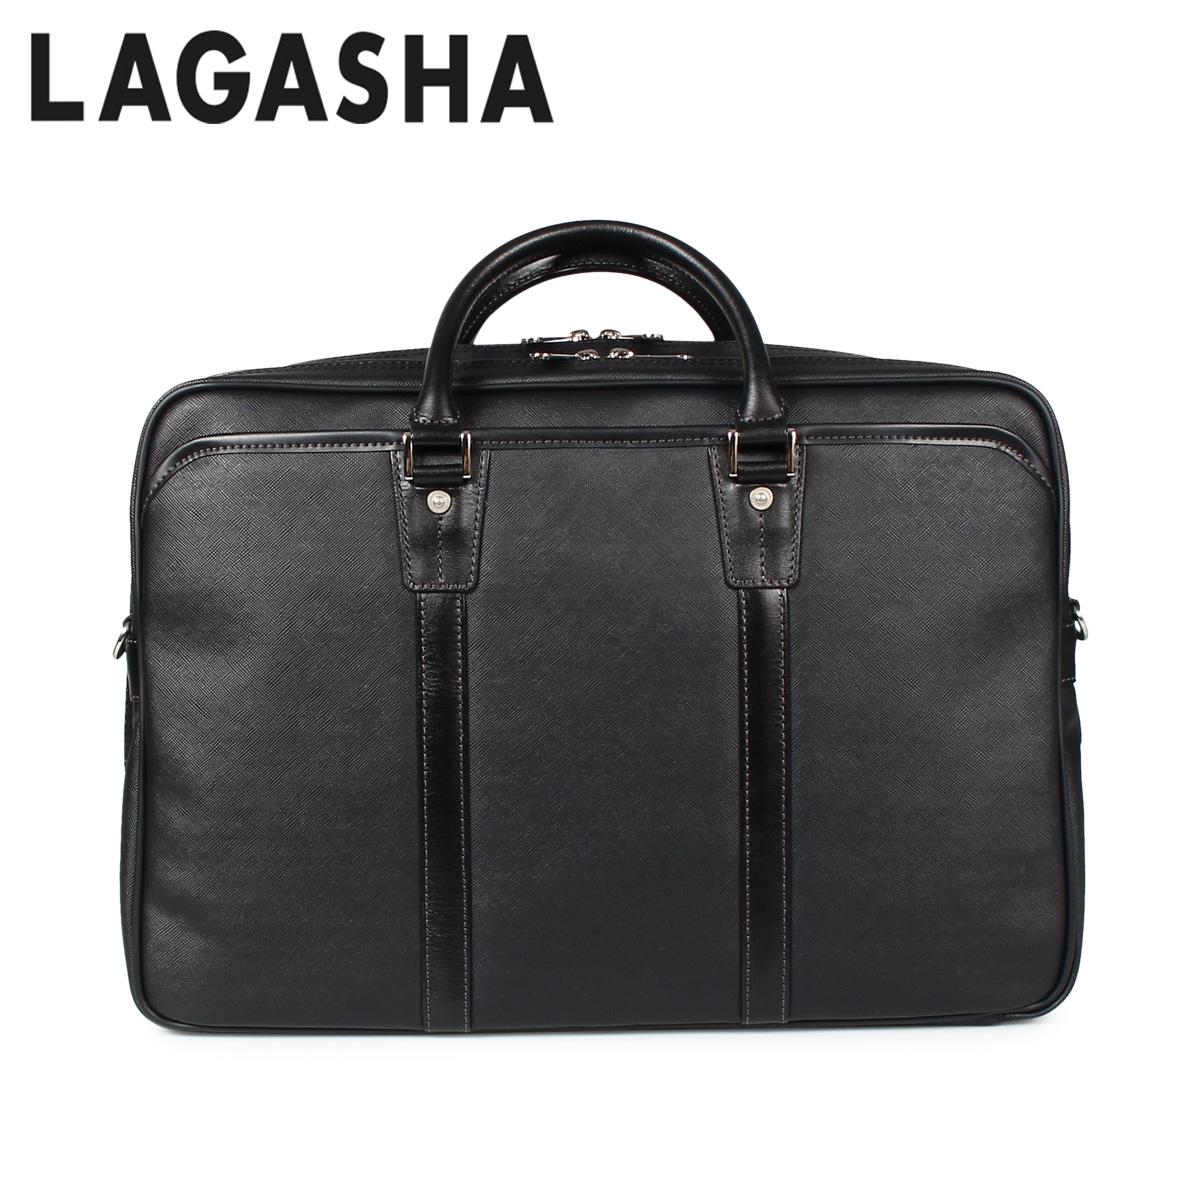 LAGASHA ラガシャ クアドロ バッグ ビジネスバッグ ブリーフケース メンズ QUADRO ブラック 黒 7718